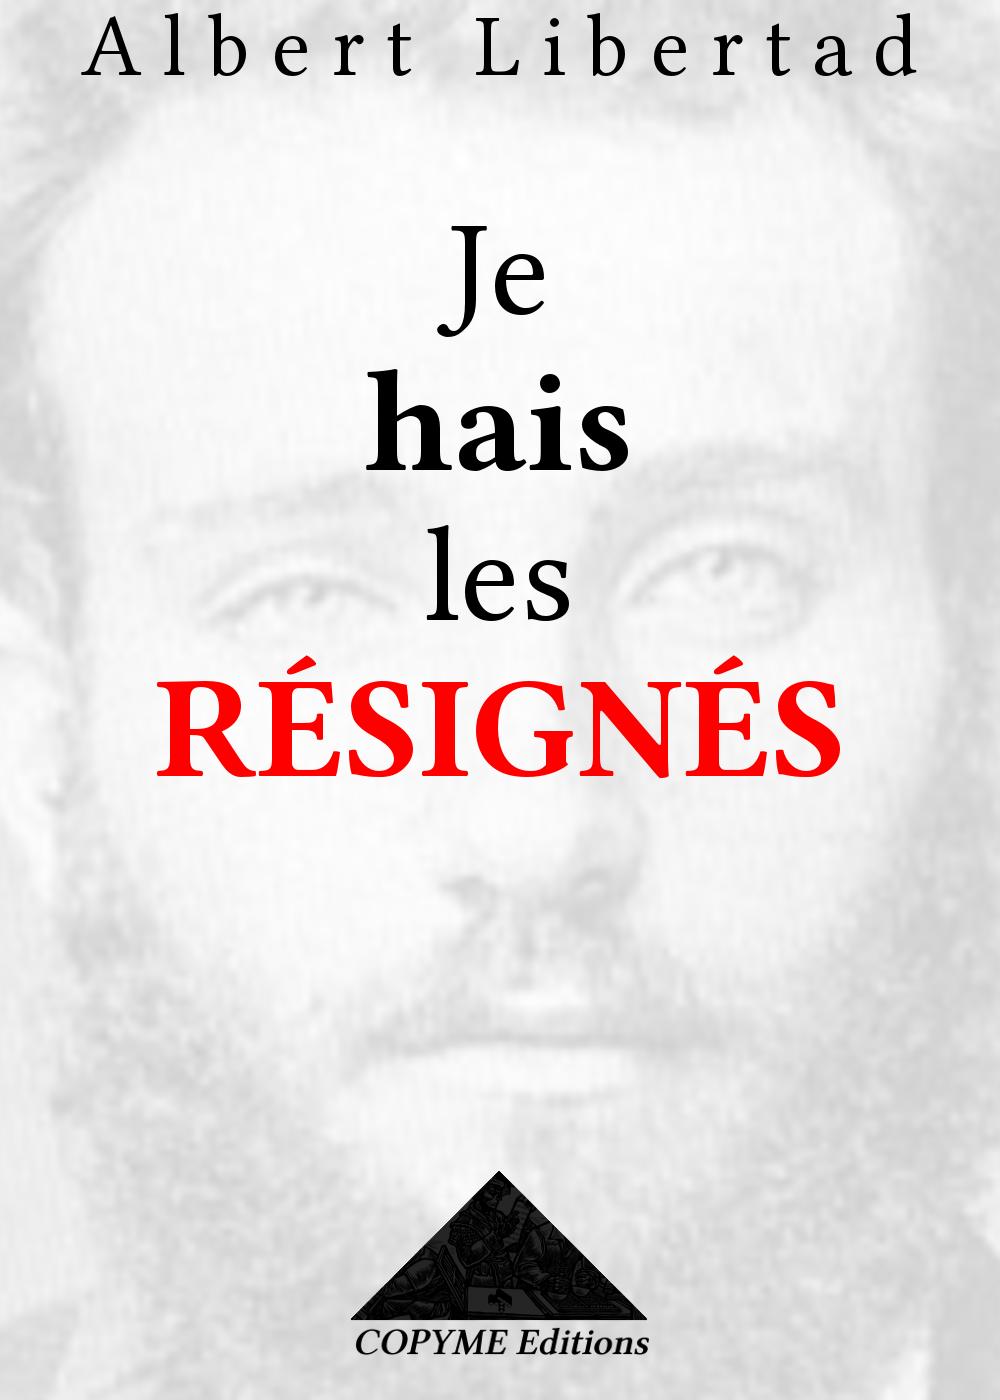 Libertad - Je hais les résignés/epub_cover.png